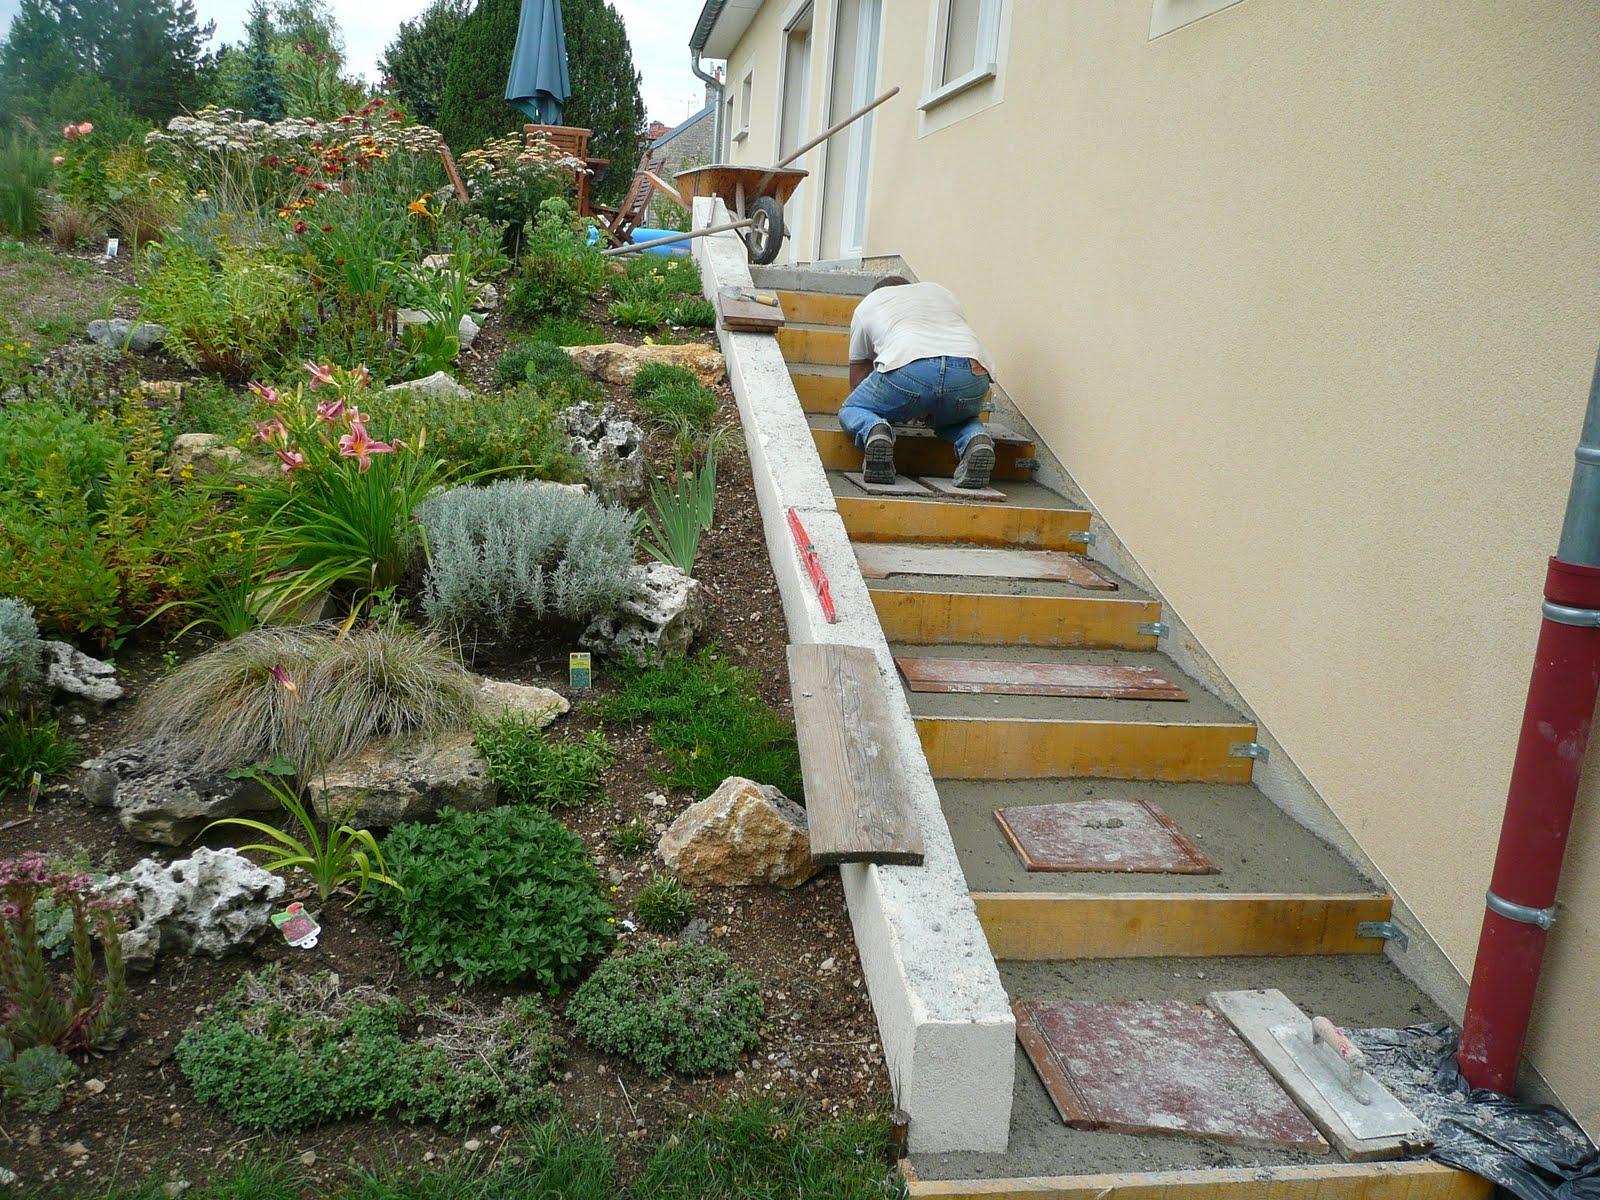 Notre jardin secret.: Phloxs et travaux..